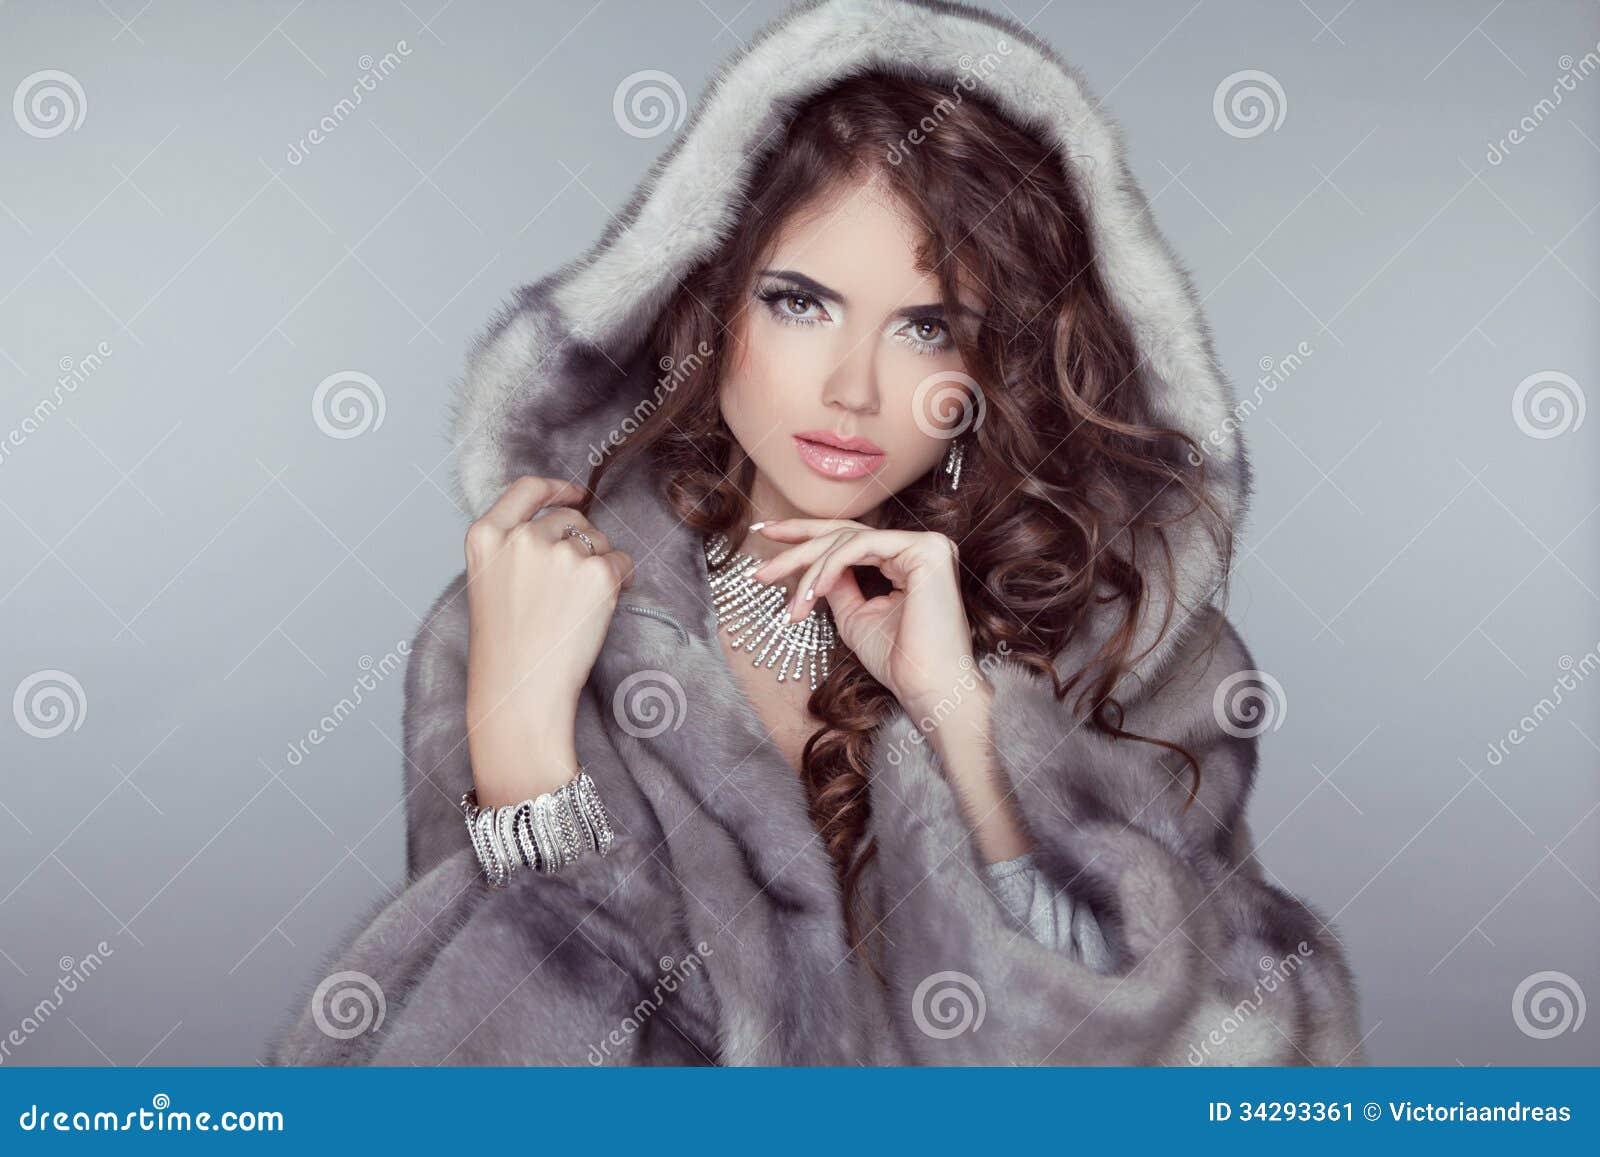 Фото красивых девушек в мехах 6 фотография